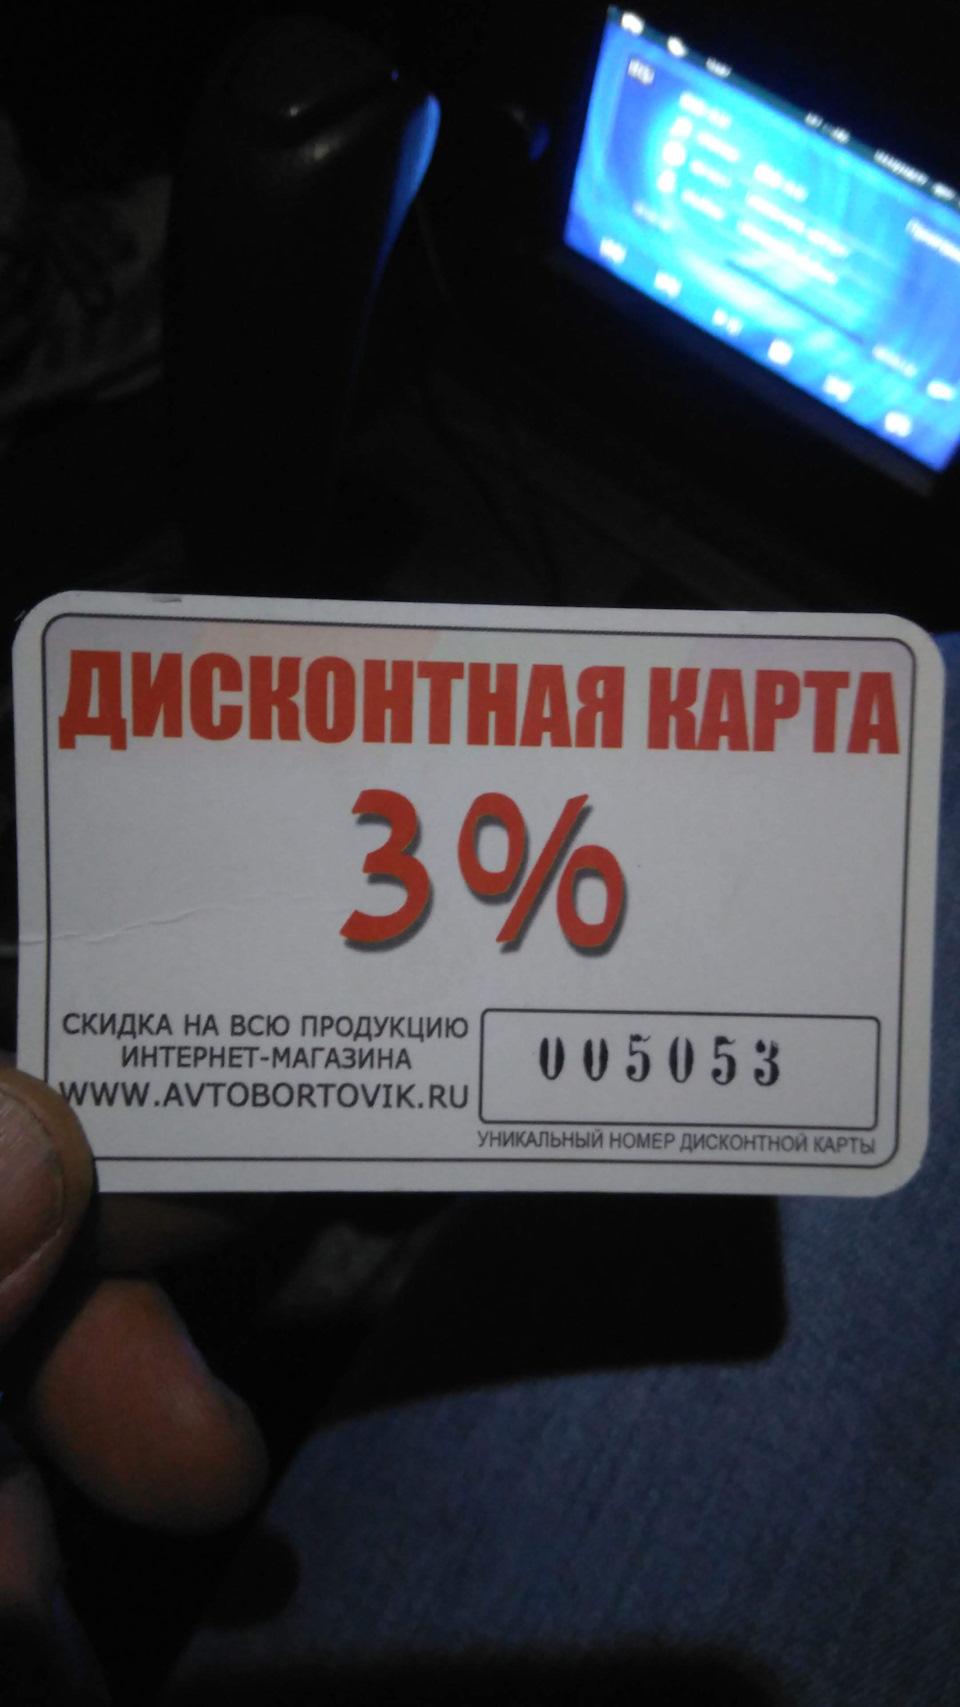 b0AAAgG4dOA-960.jpg